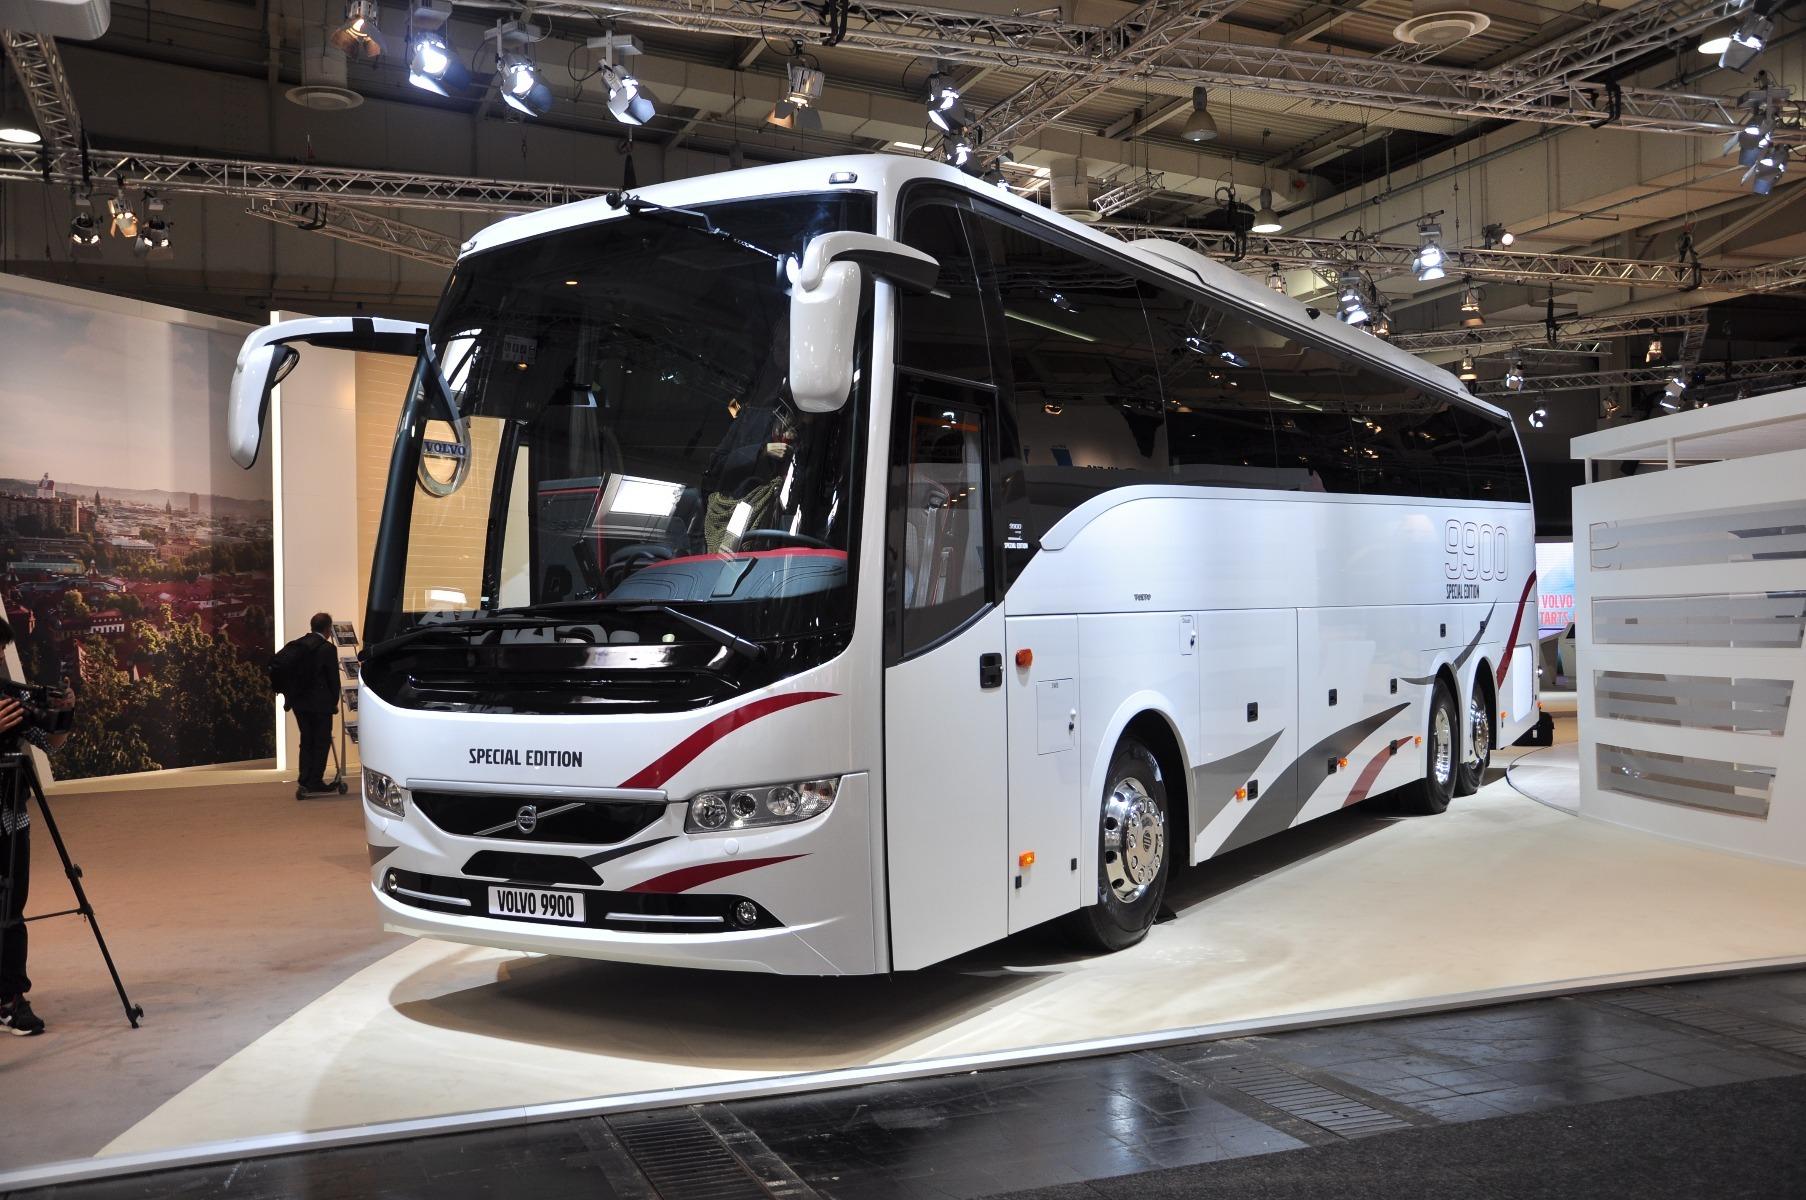 A színházpadlós Volvo 9900 egy különleges kiadású változatban jelent meg az IAA-n